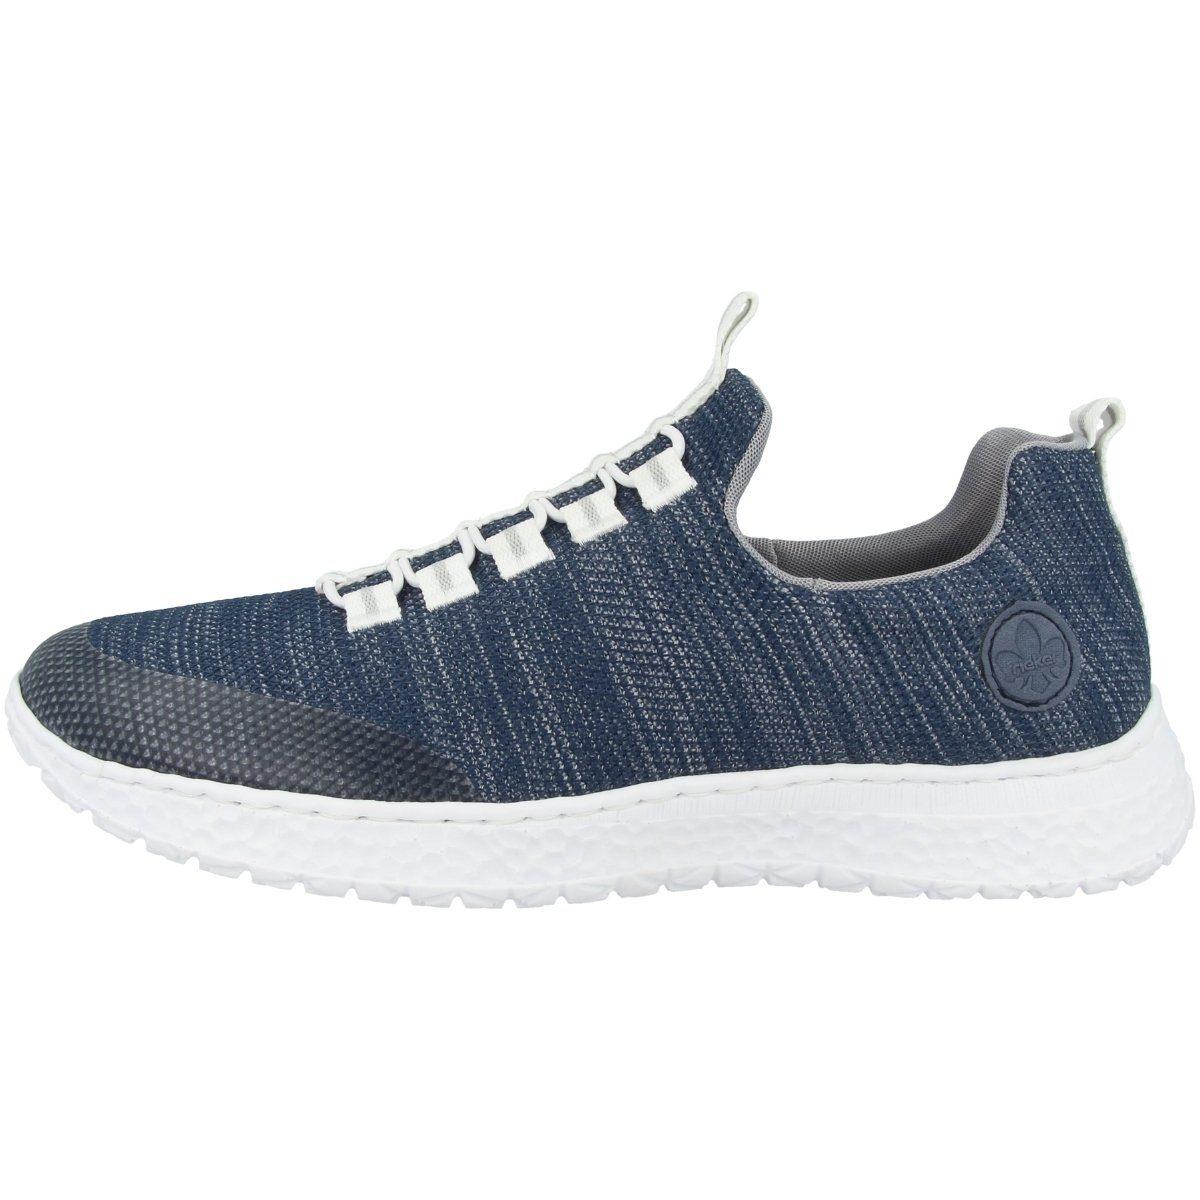 Rieker »N4174« Sneaker, Mesh Material ist atmungsaktiv und luftdurchlässig online kaufen   OTTO